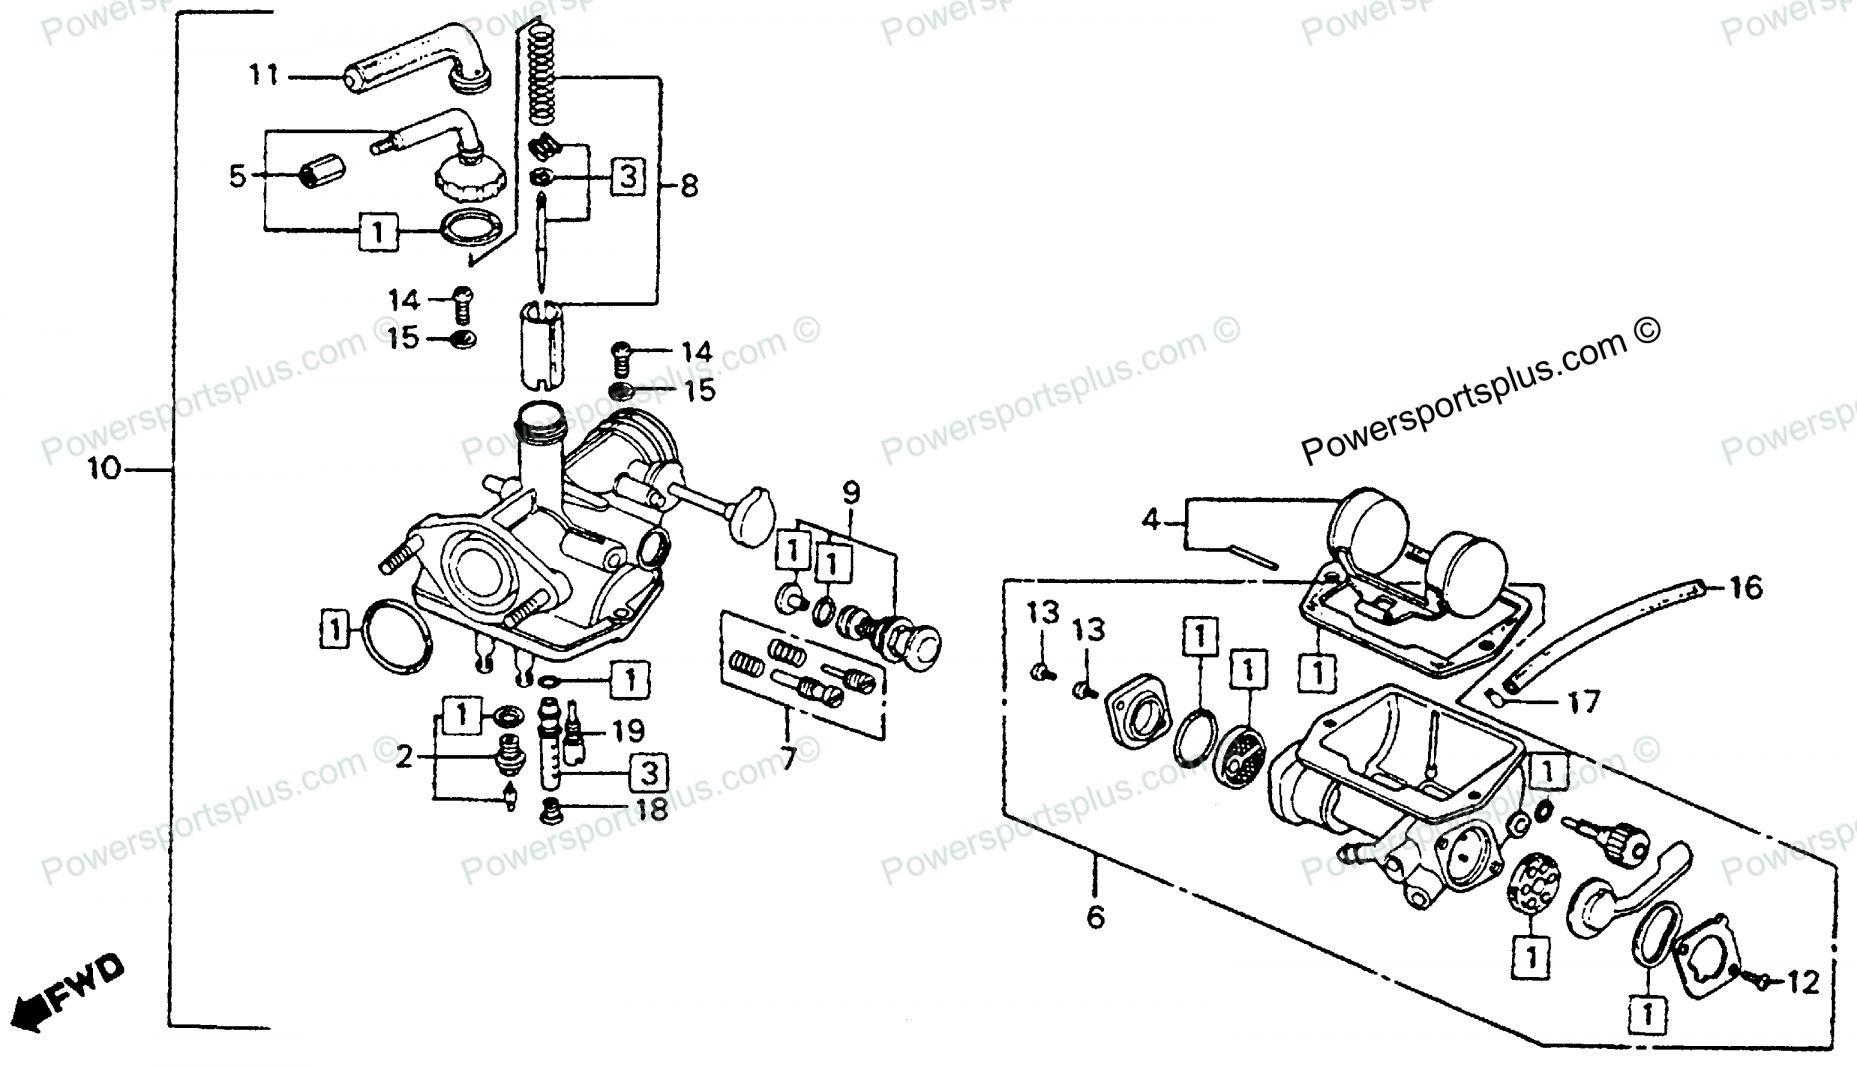 15+ Honda Motorcycle Carburetor Diagram | Honda motorcycle parts, Honda ( motorcycle), HondaPinterest